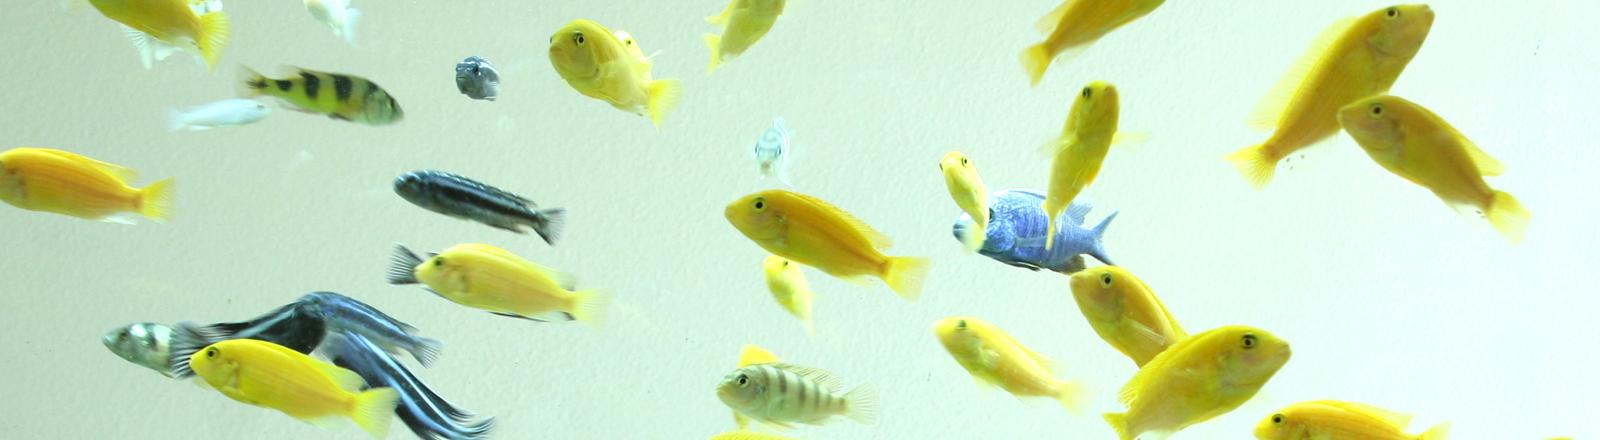 Ein Schwarm gelber Fische und Zebrafische in einem Aquarium